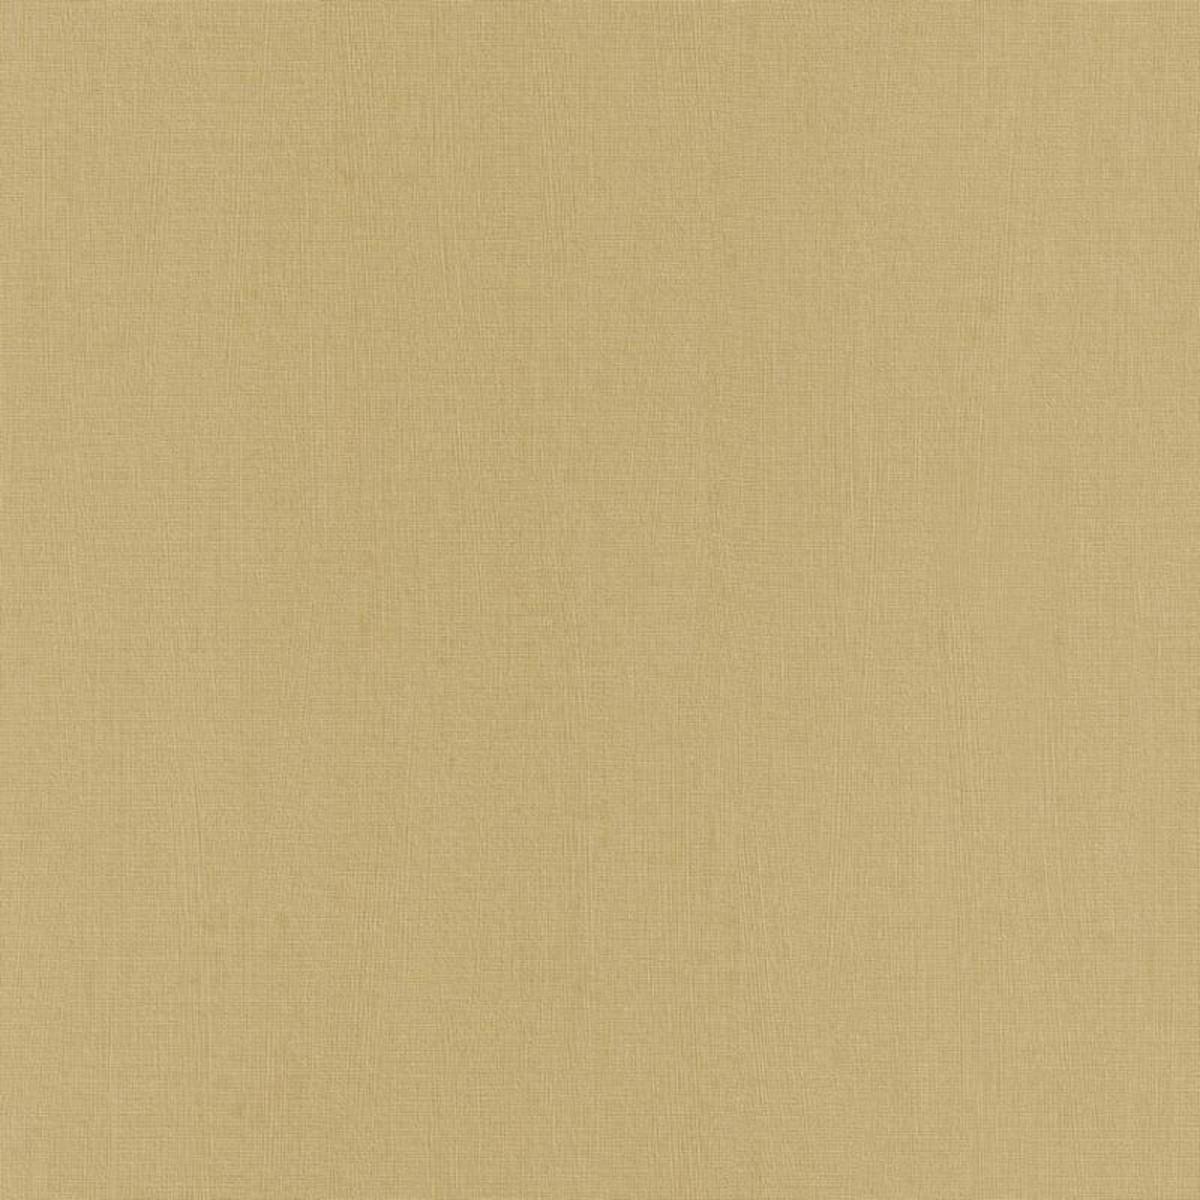 Обои флизелиновые Rasch Easy Passion коричневые 0.53 м 732108